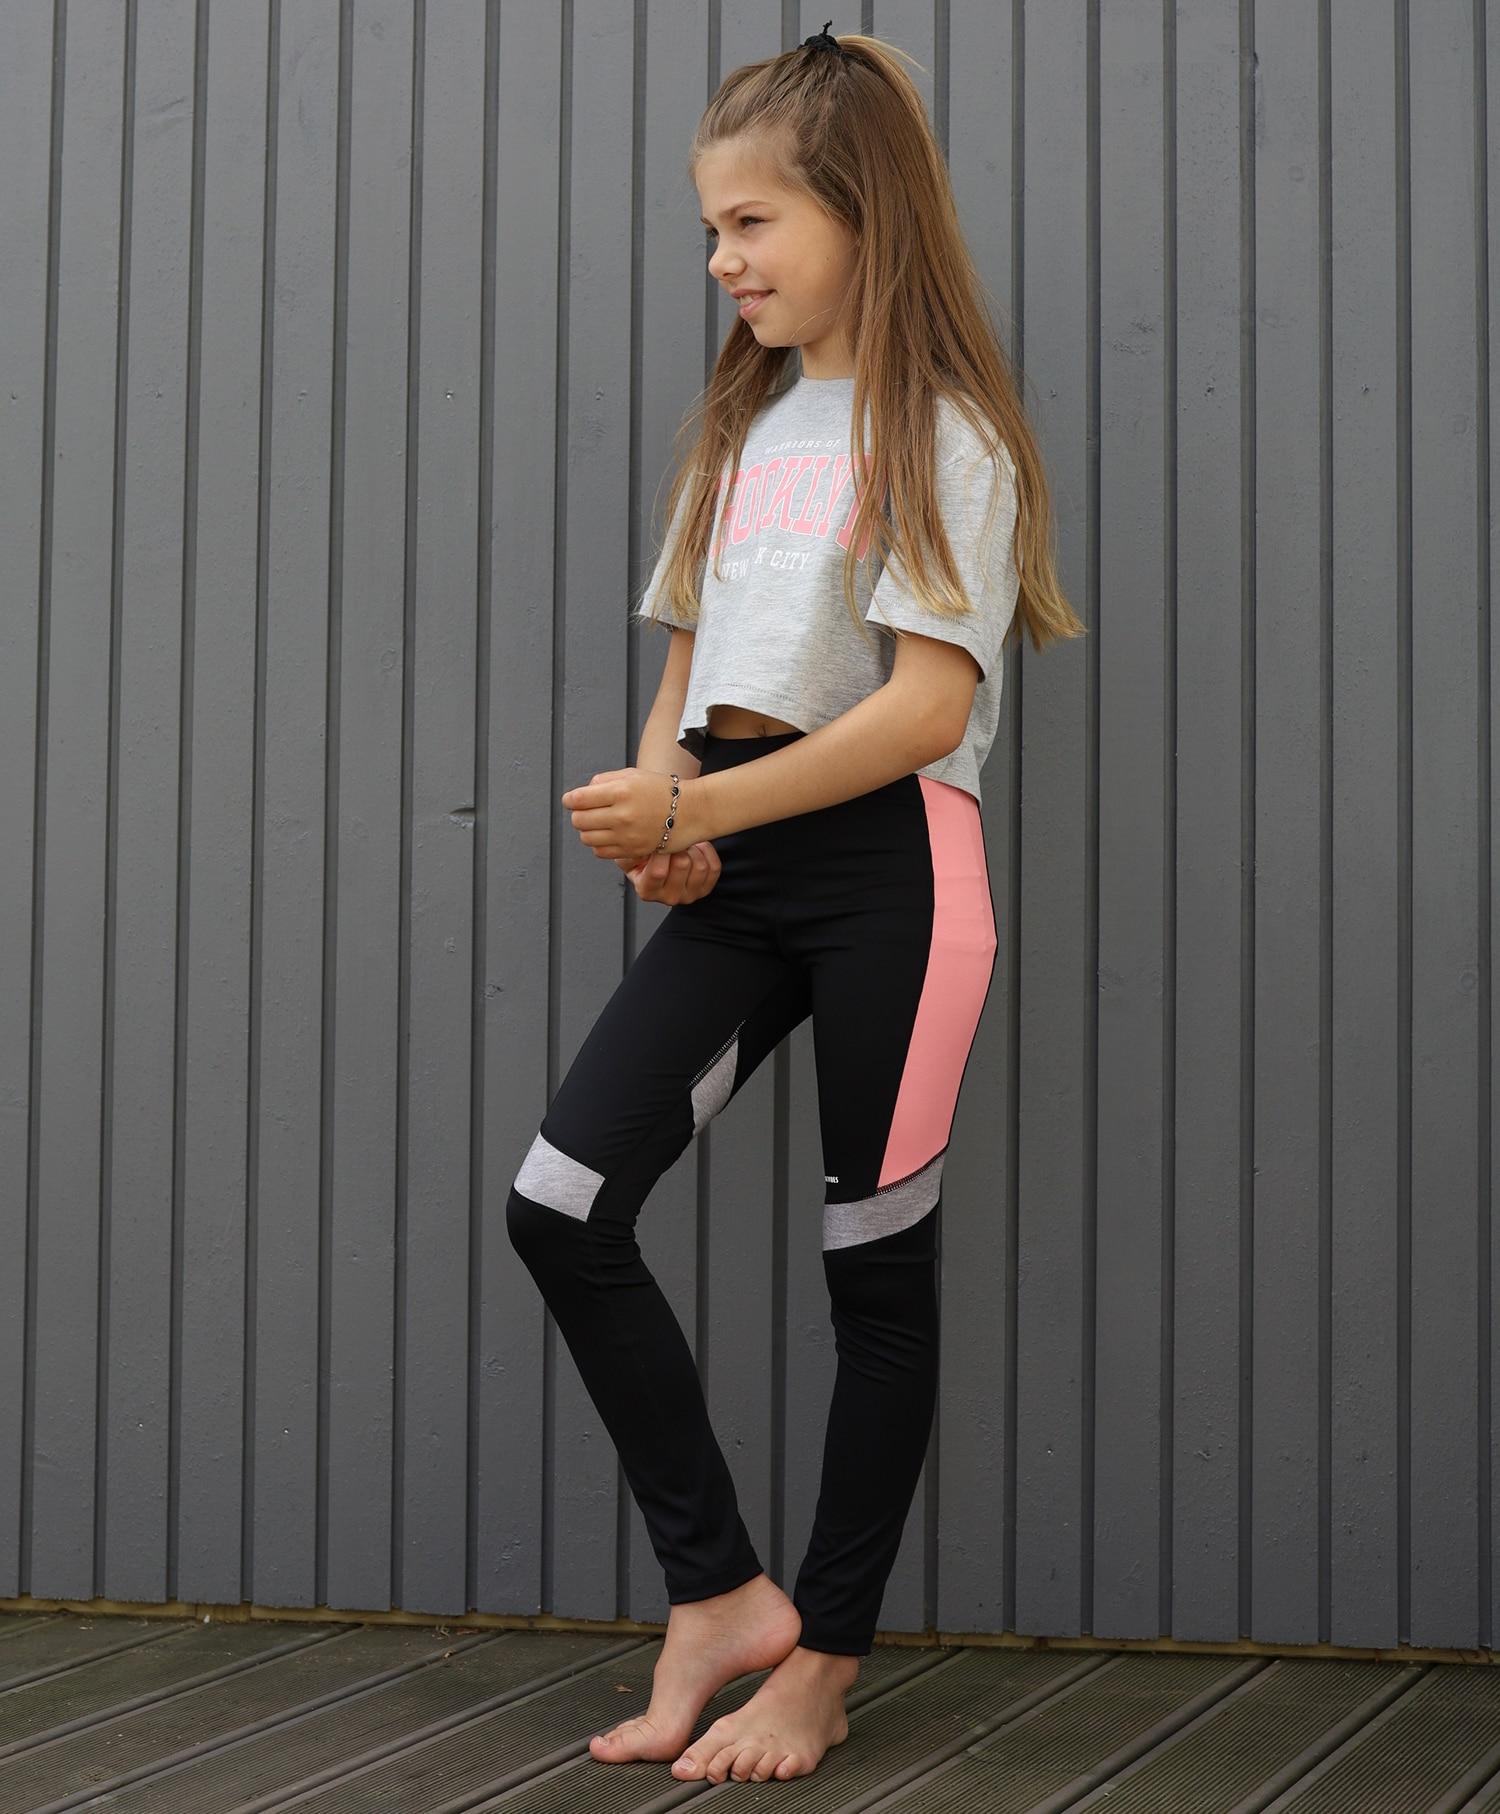 Only Kids Eliie Leggings